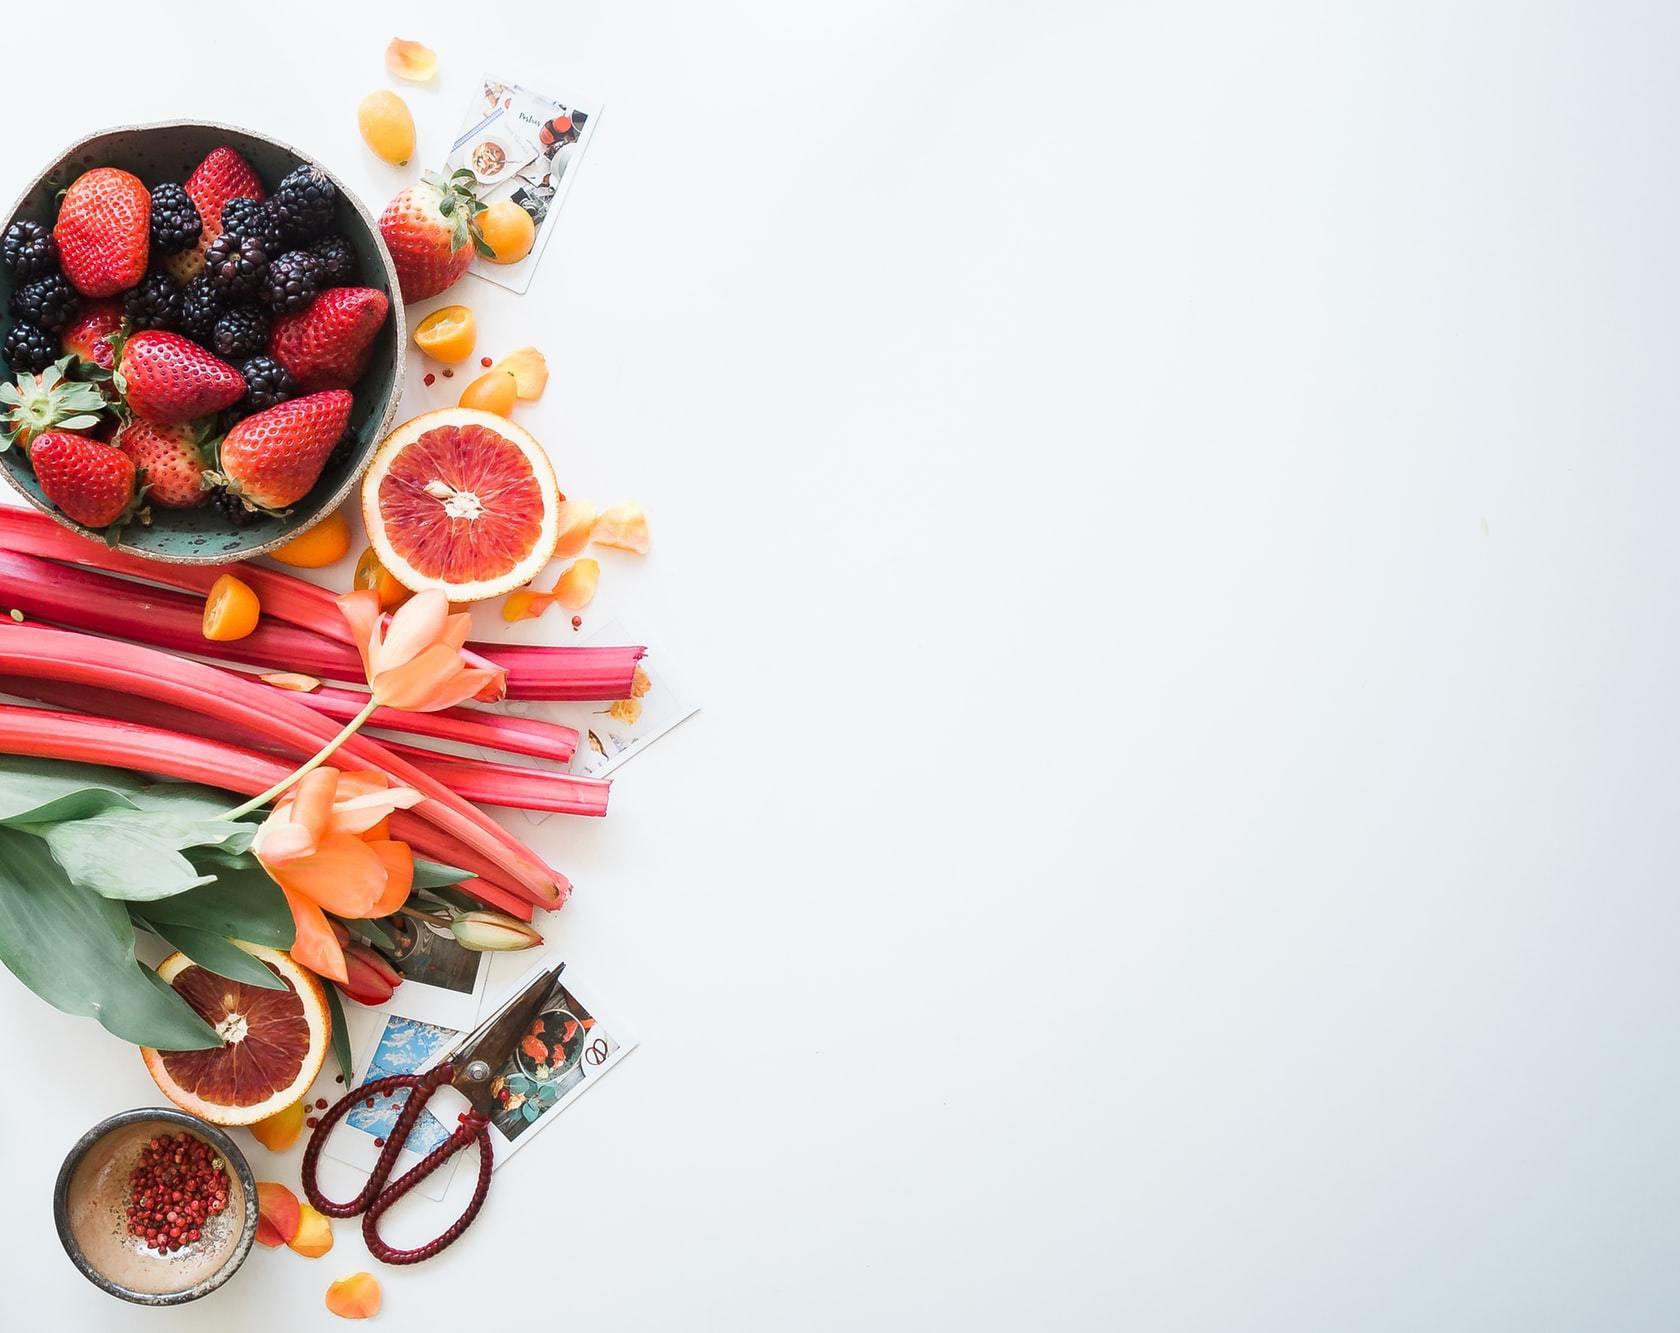 Ручная диета картинки